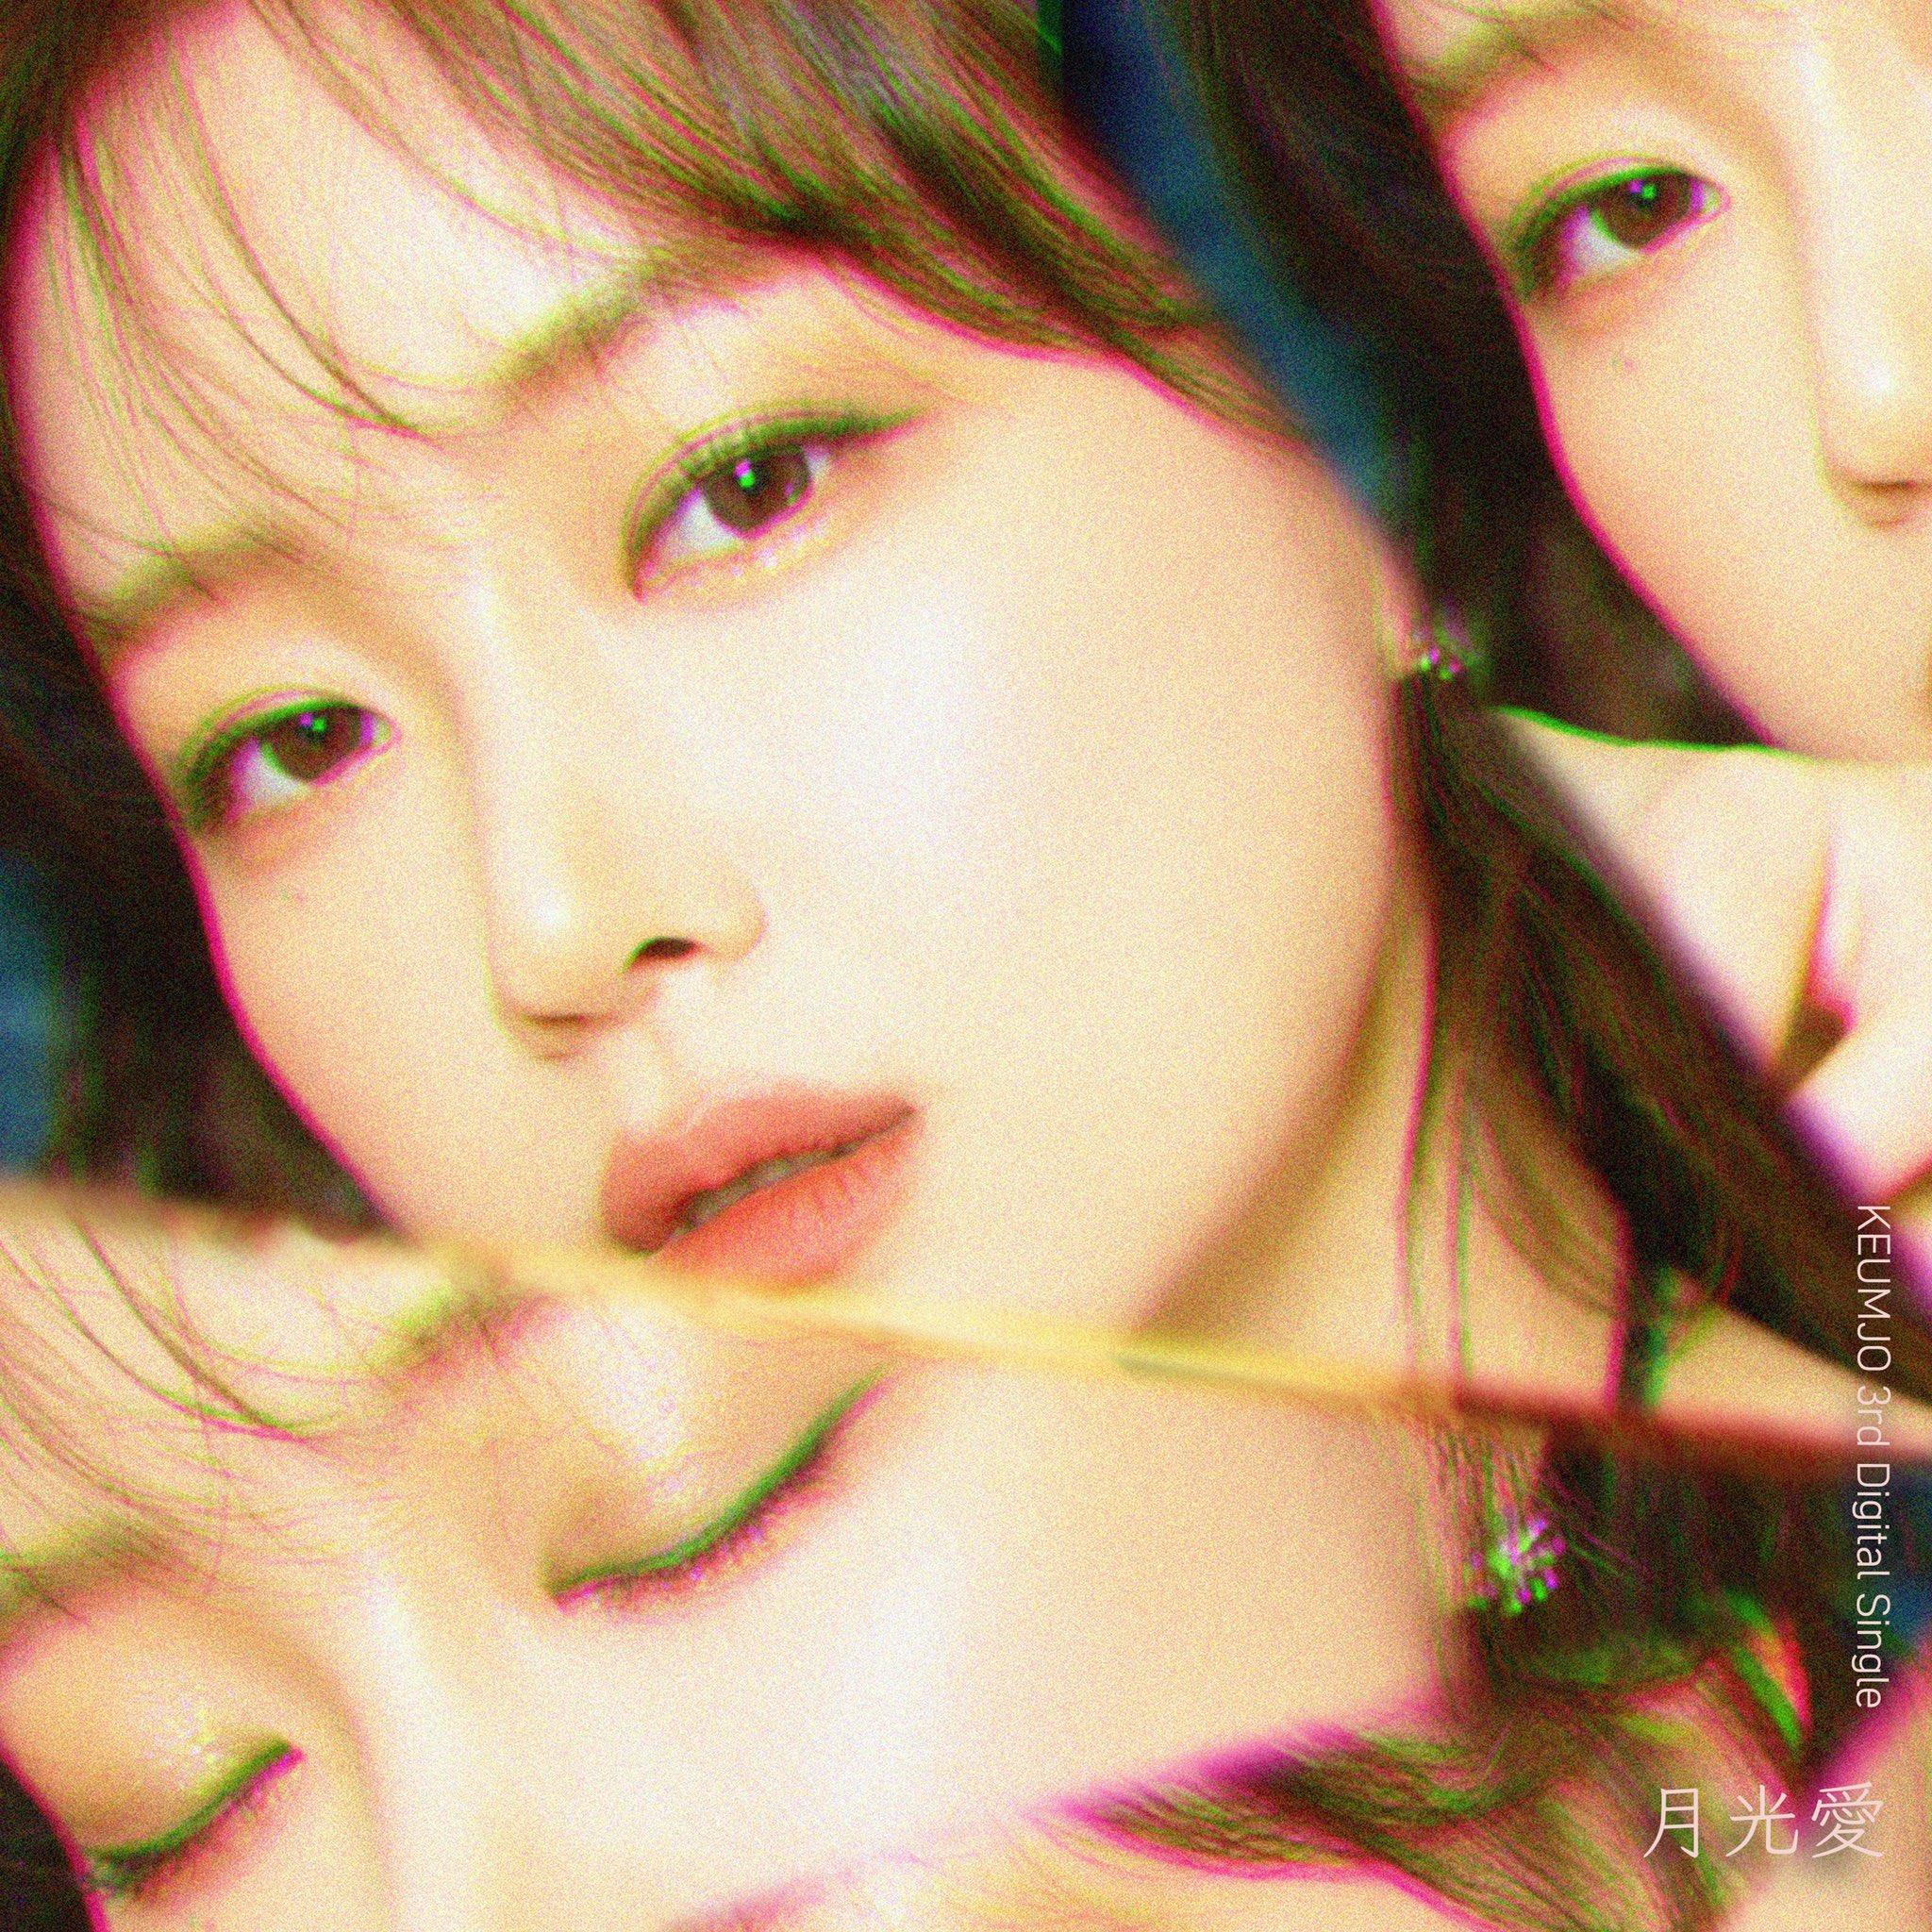 24일(수), 금조 디지털 싱글 3집 '월광애(月光愛)' 발매 | 인스티즈